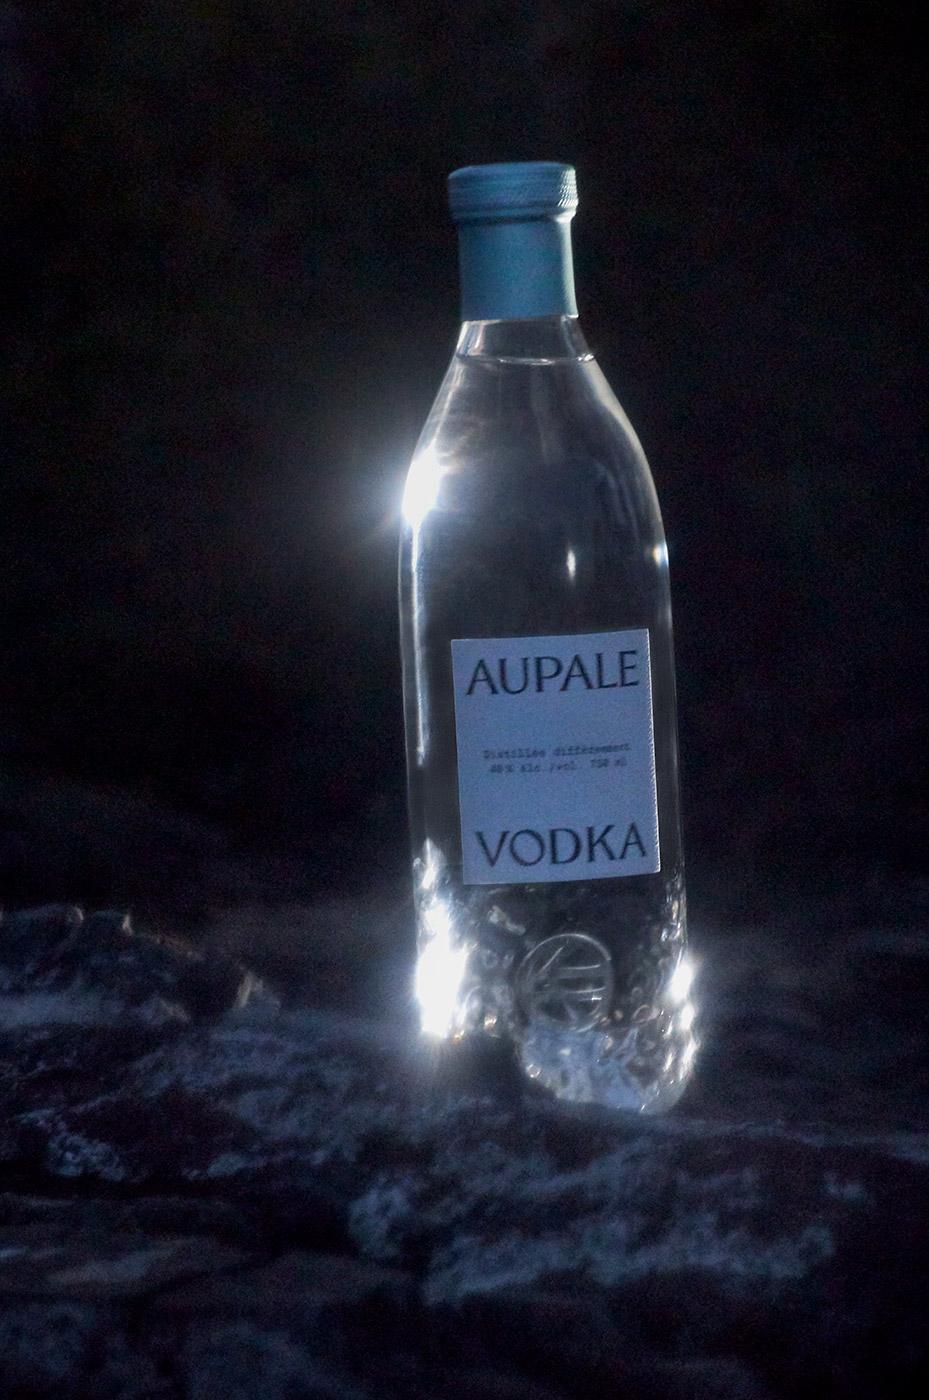 Aupale Vodka - Distilled, differently.